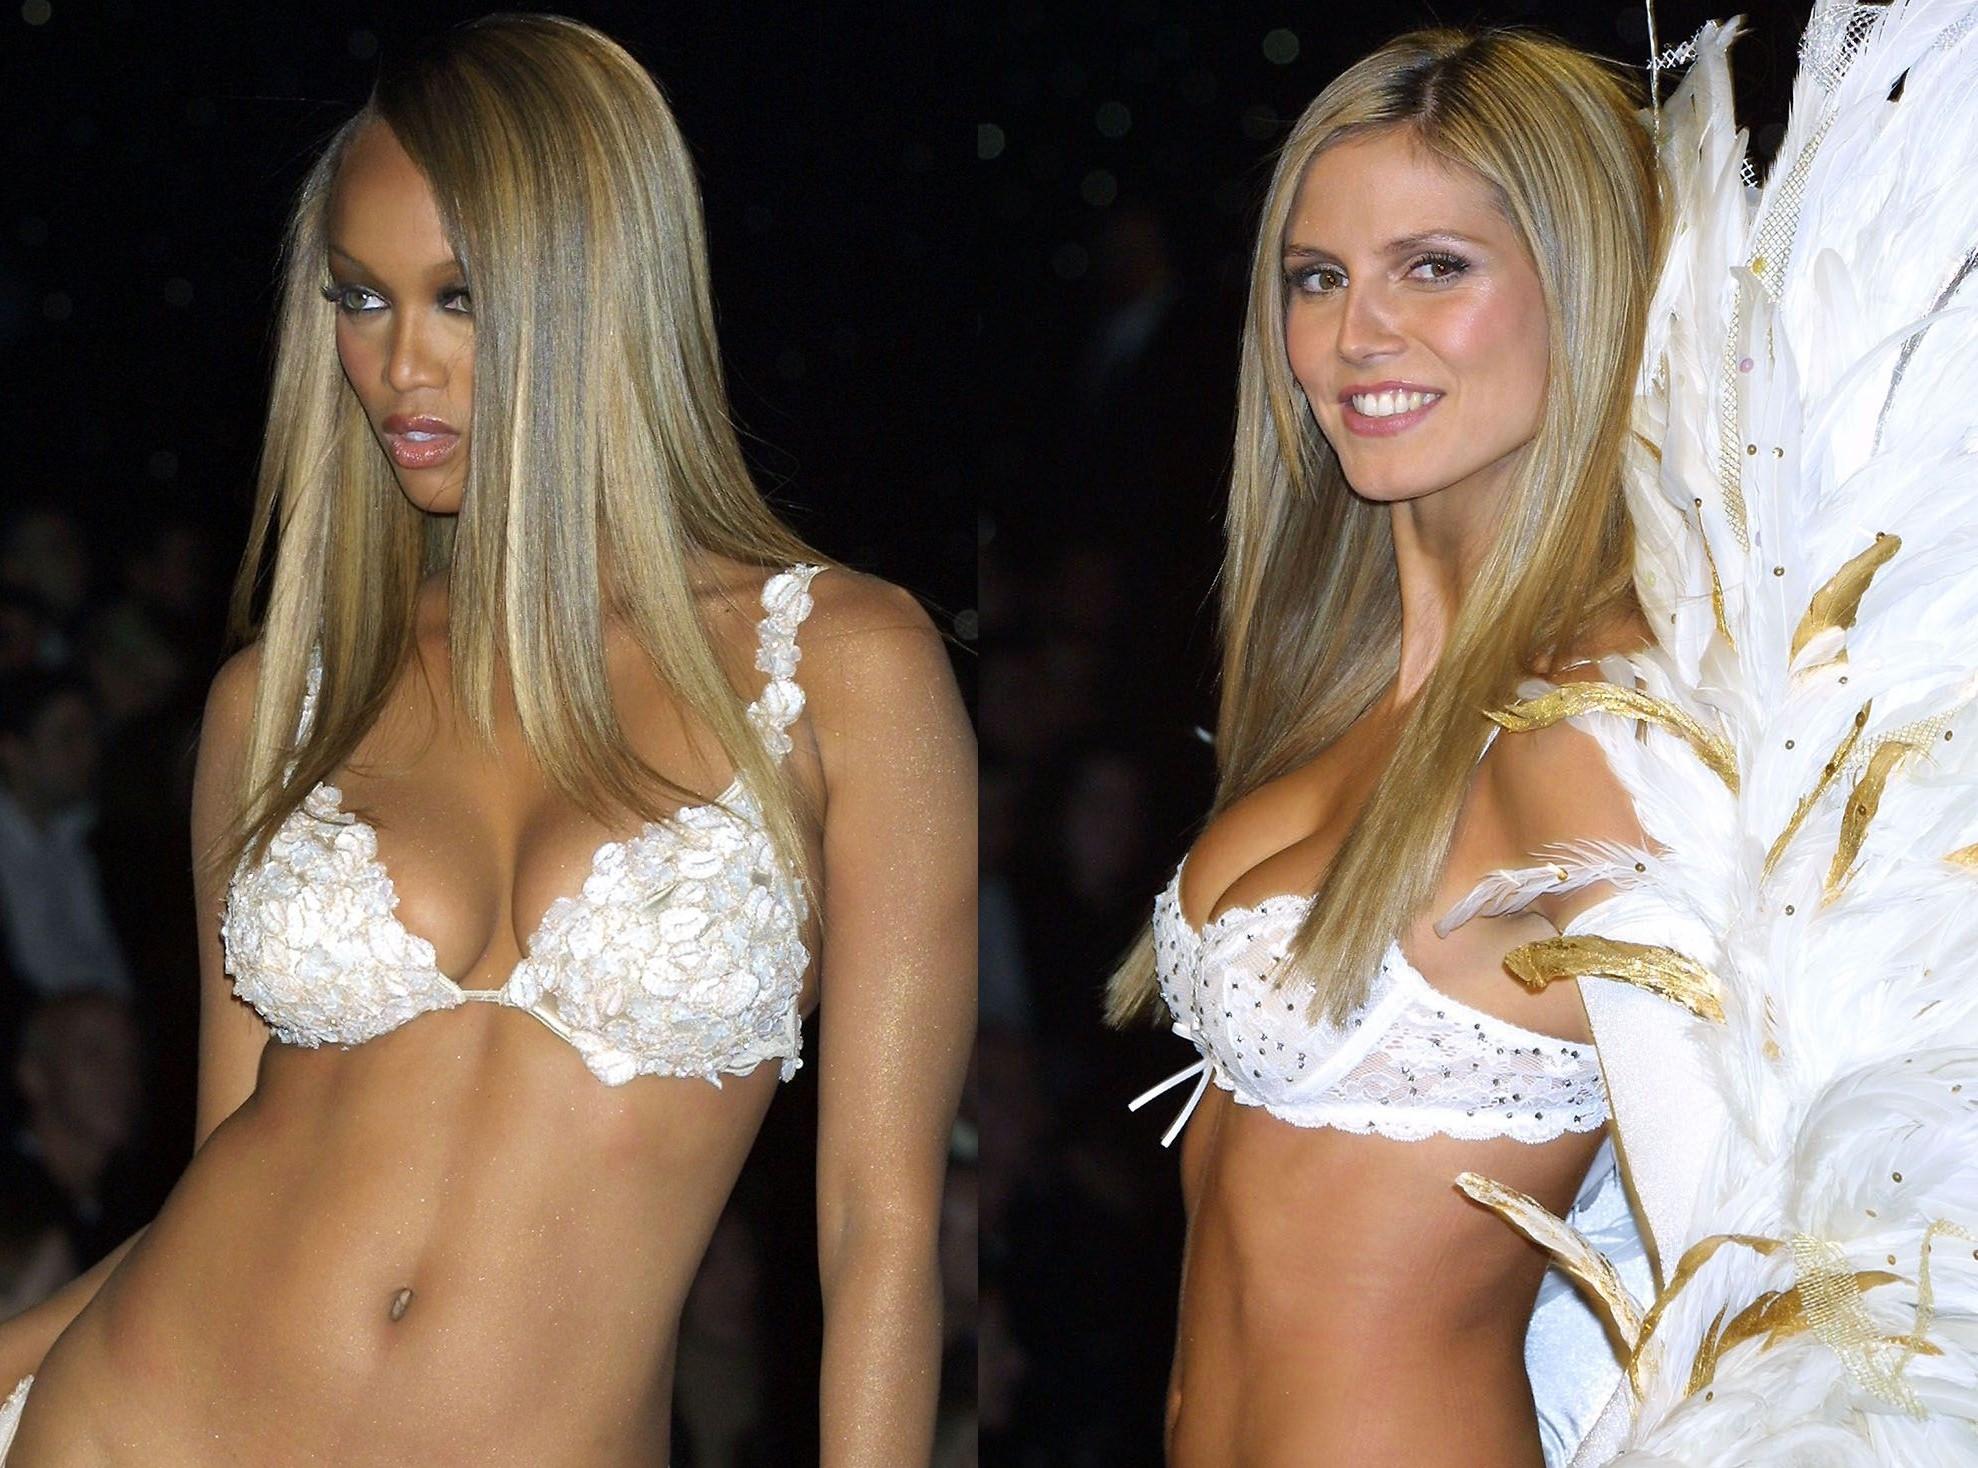 Cách makeup của thiên thần Victorias Secret 2 thập kỷ qua: luôn đơn giản, tự nhiên nhưng sexy đến tột cùng - Ảnh 6.